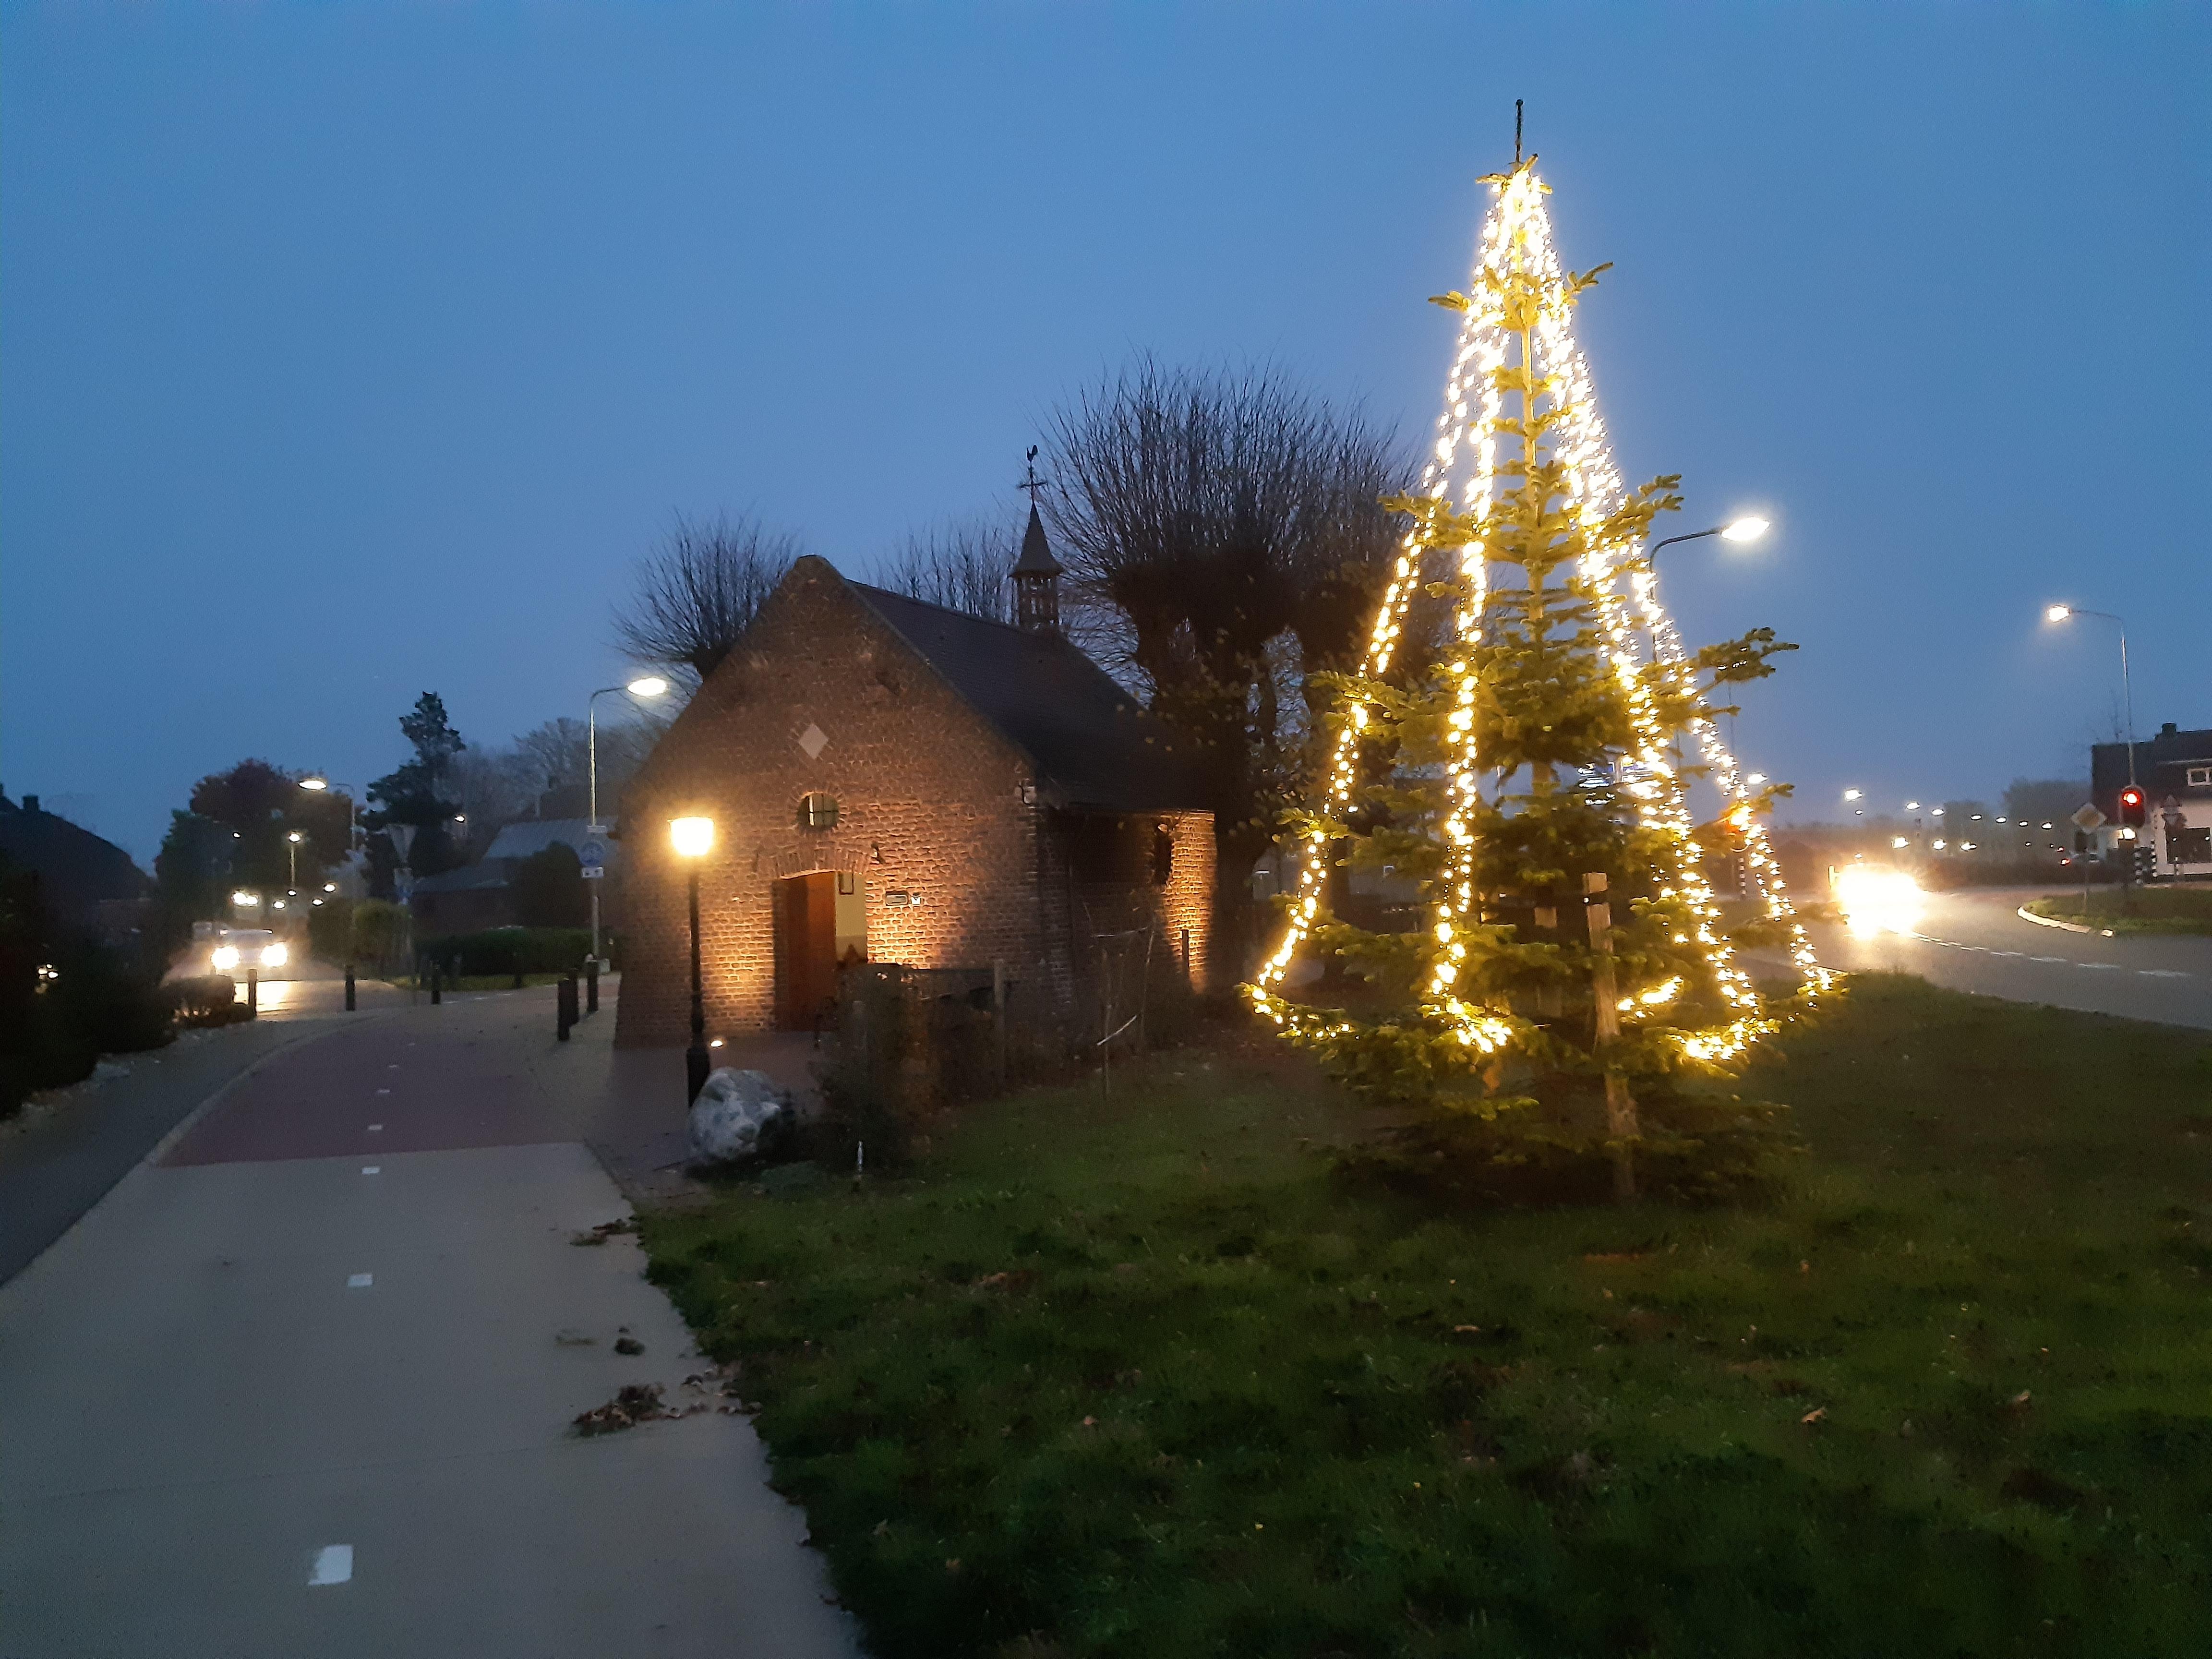 Kerstboom Heier Kepelke